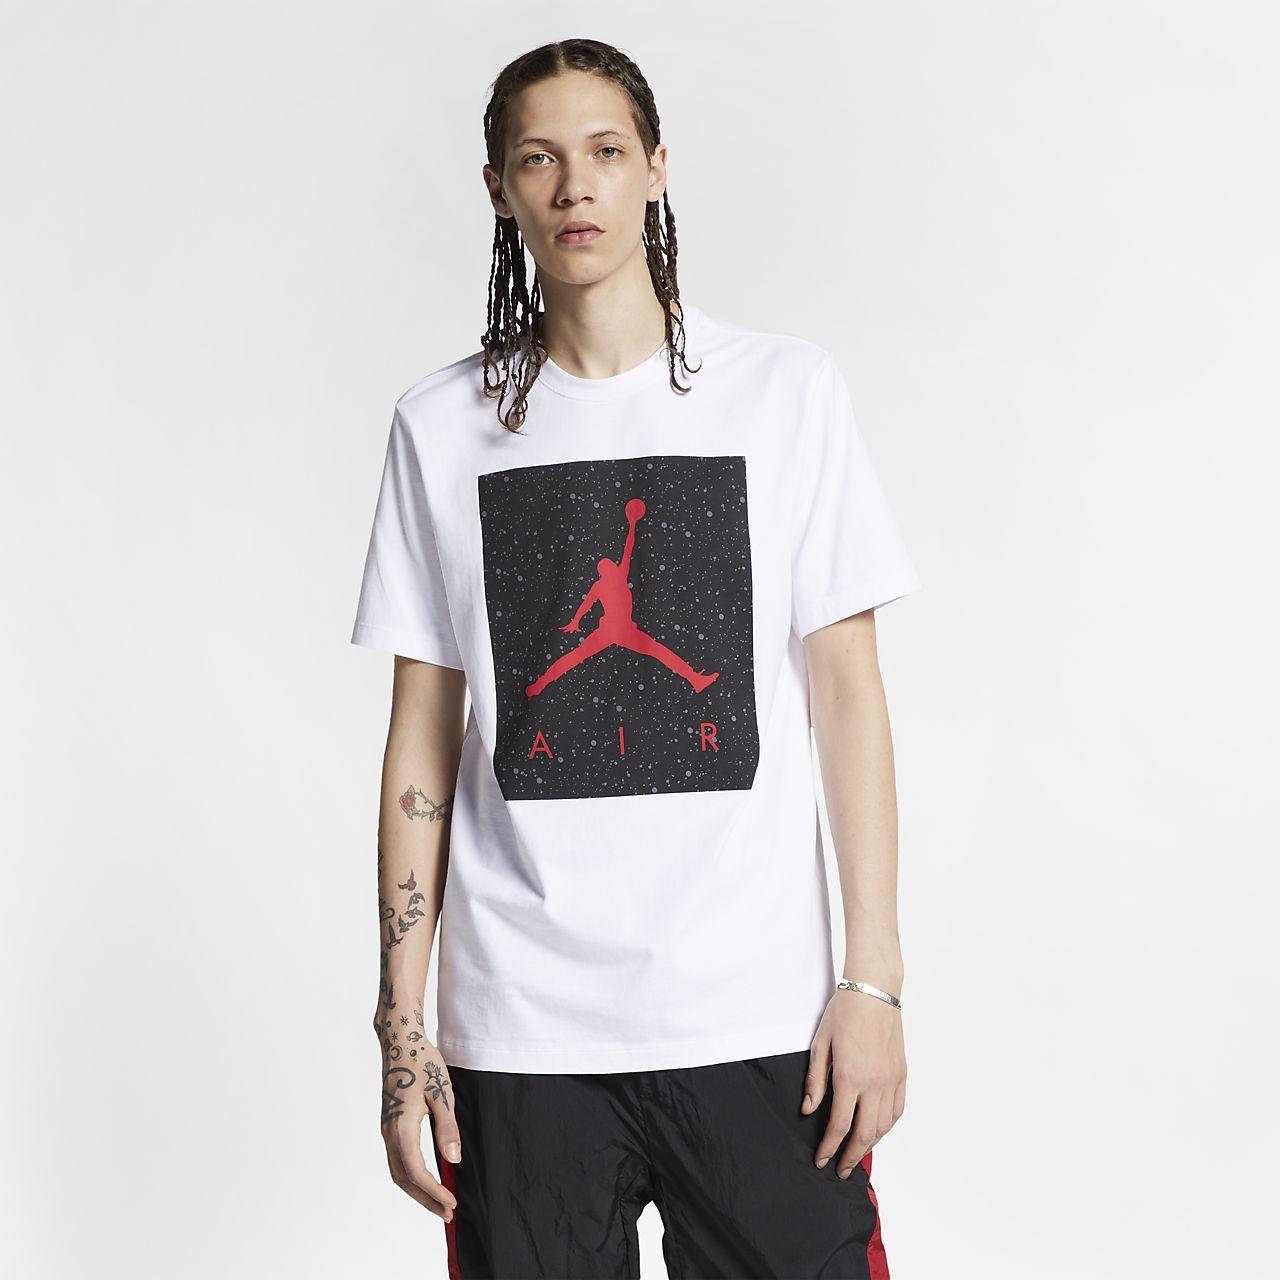 Jordan Poolside Erkek Tişörtü